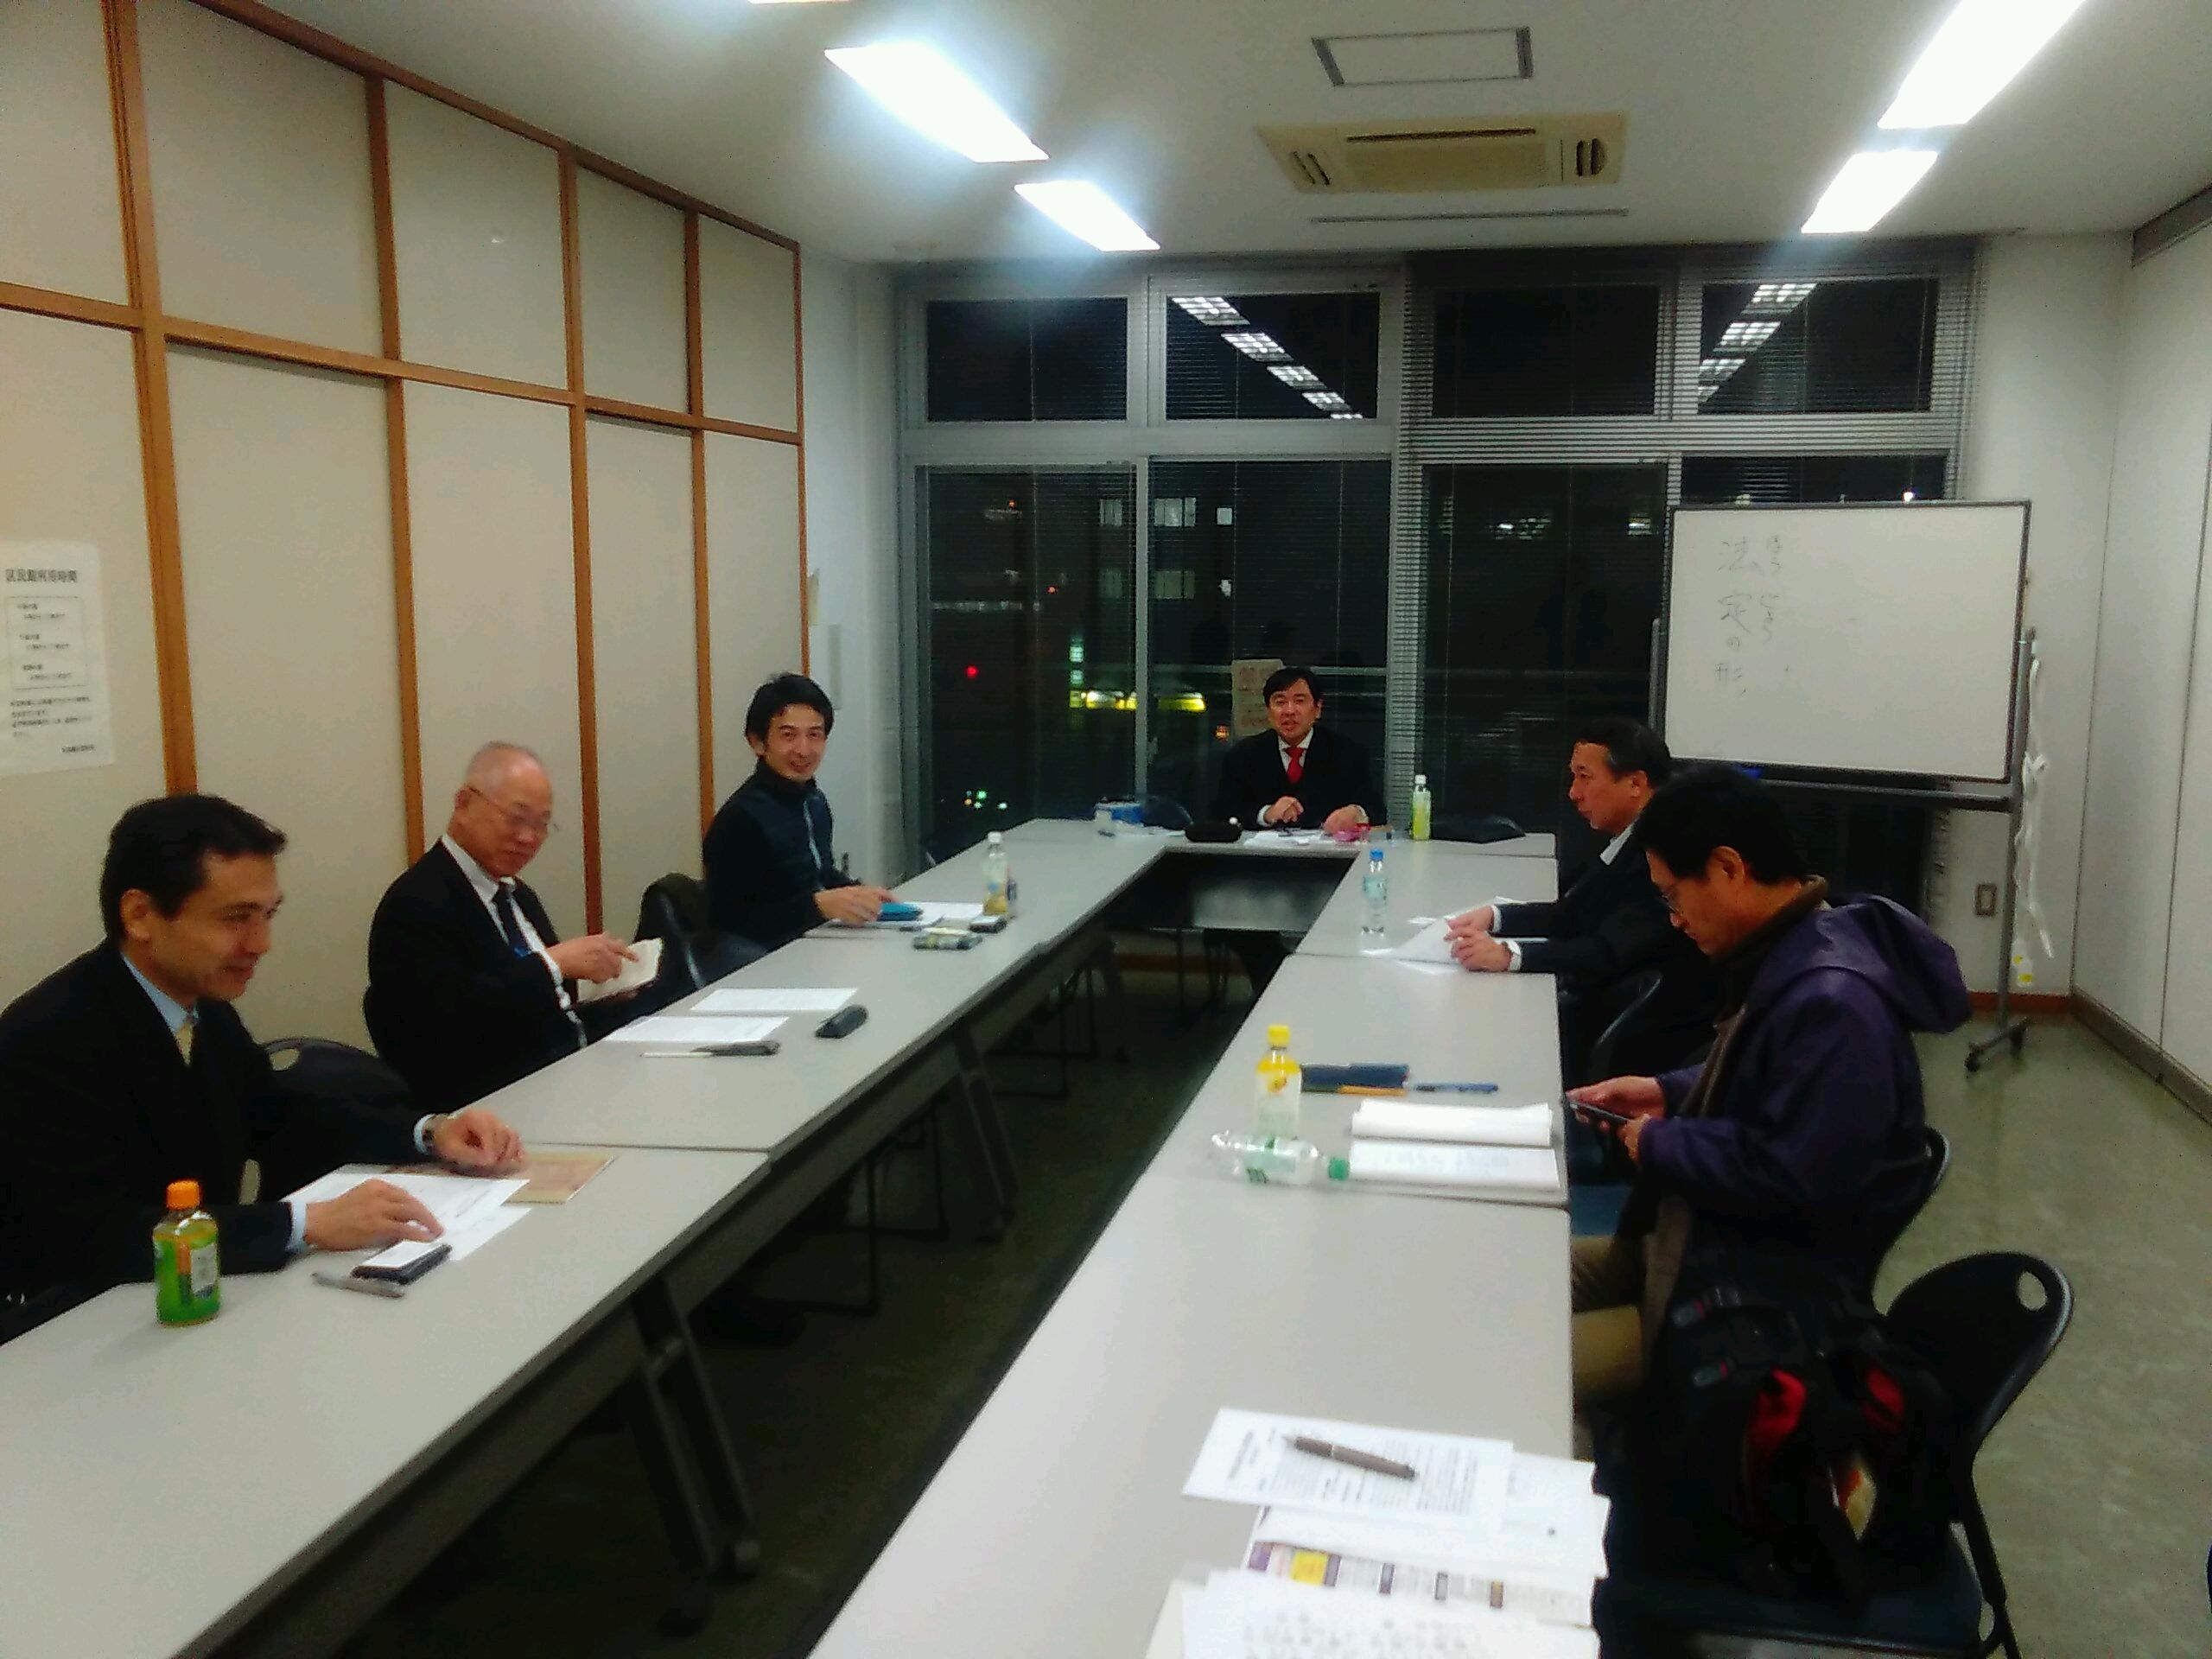 20171214200703 - 禅の知恵と古典に学ぶ人間学勉強会開催しました